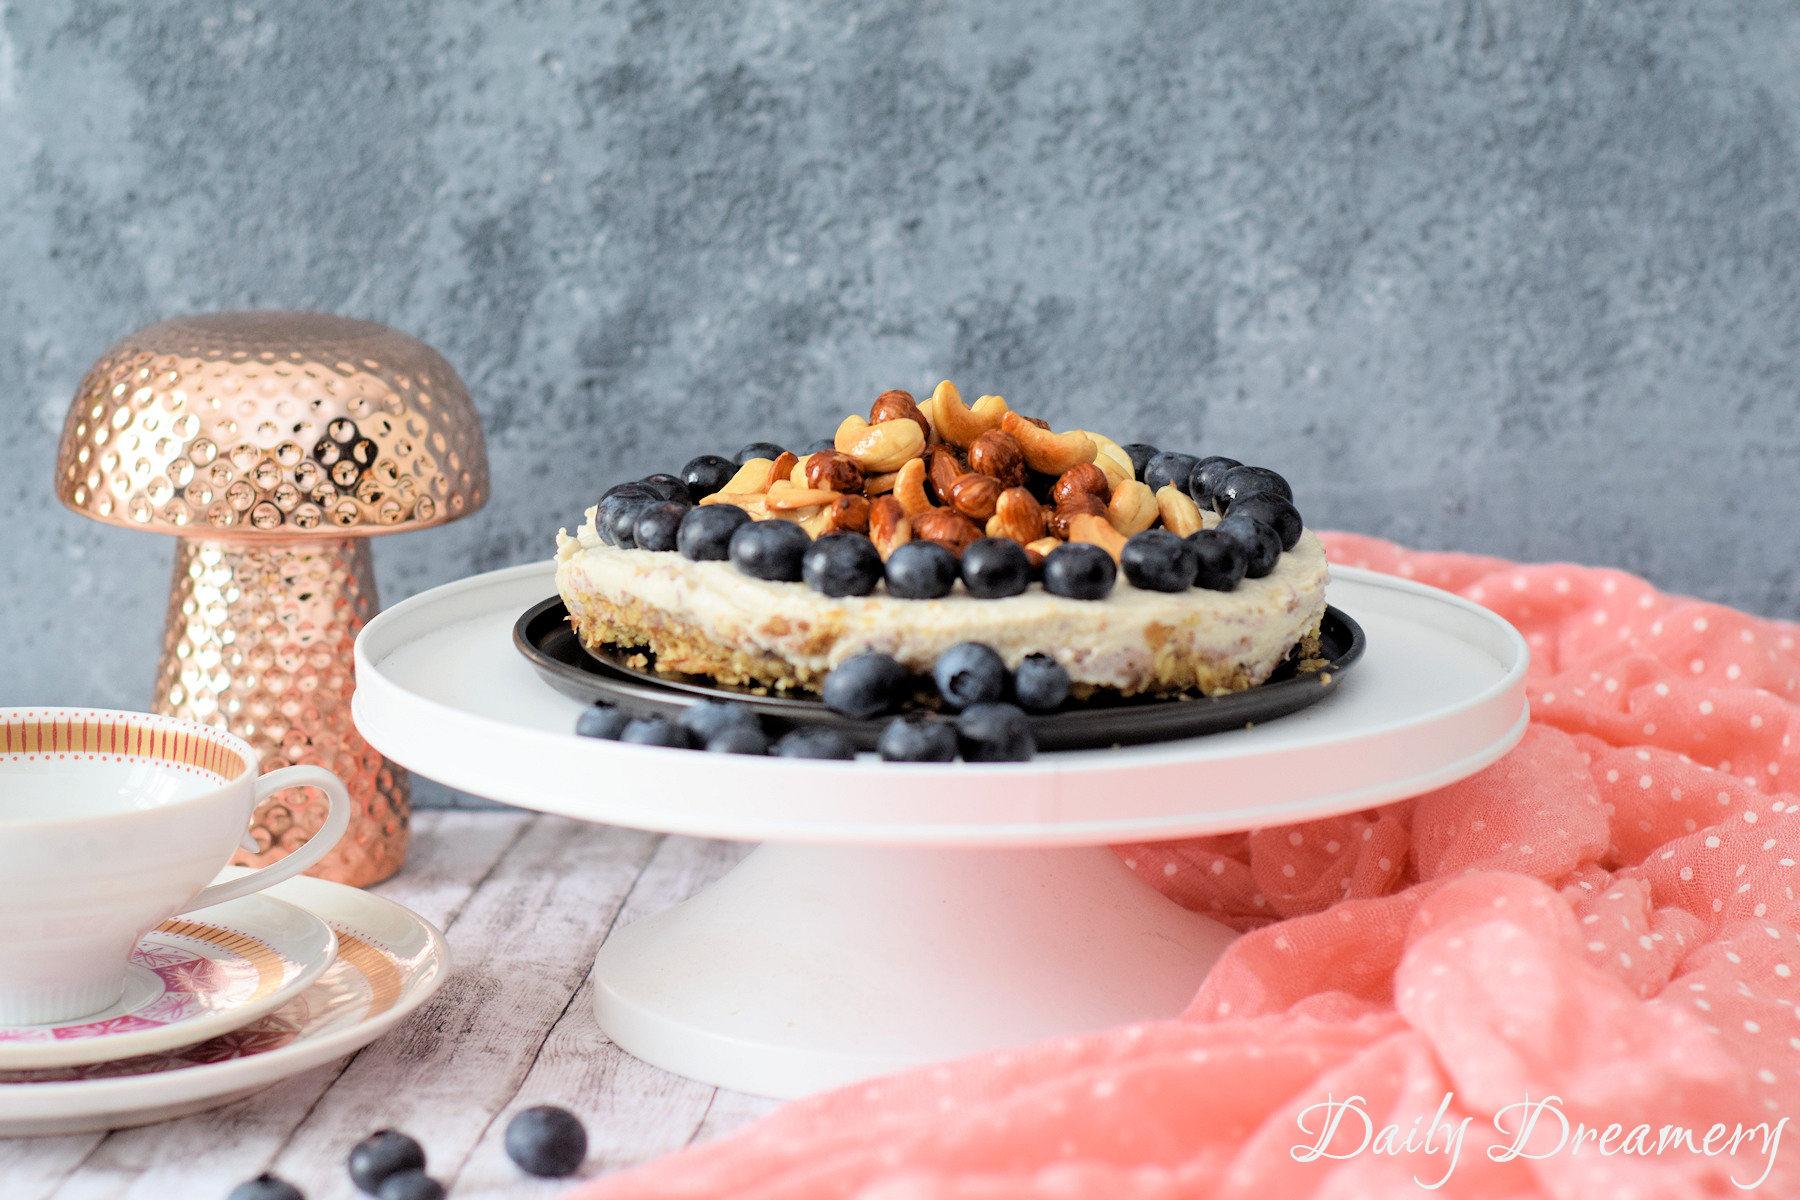 veganer No-Bake-Cheesecake mit karamellisierten Nüssen - roh, vegan, clean und superleckerveganer No-Bake-Cheesecake mit karamellisierten Nüssen - roh, vegan, clean und superlecker